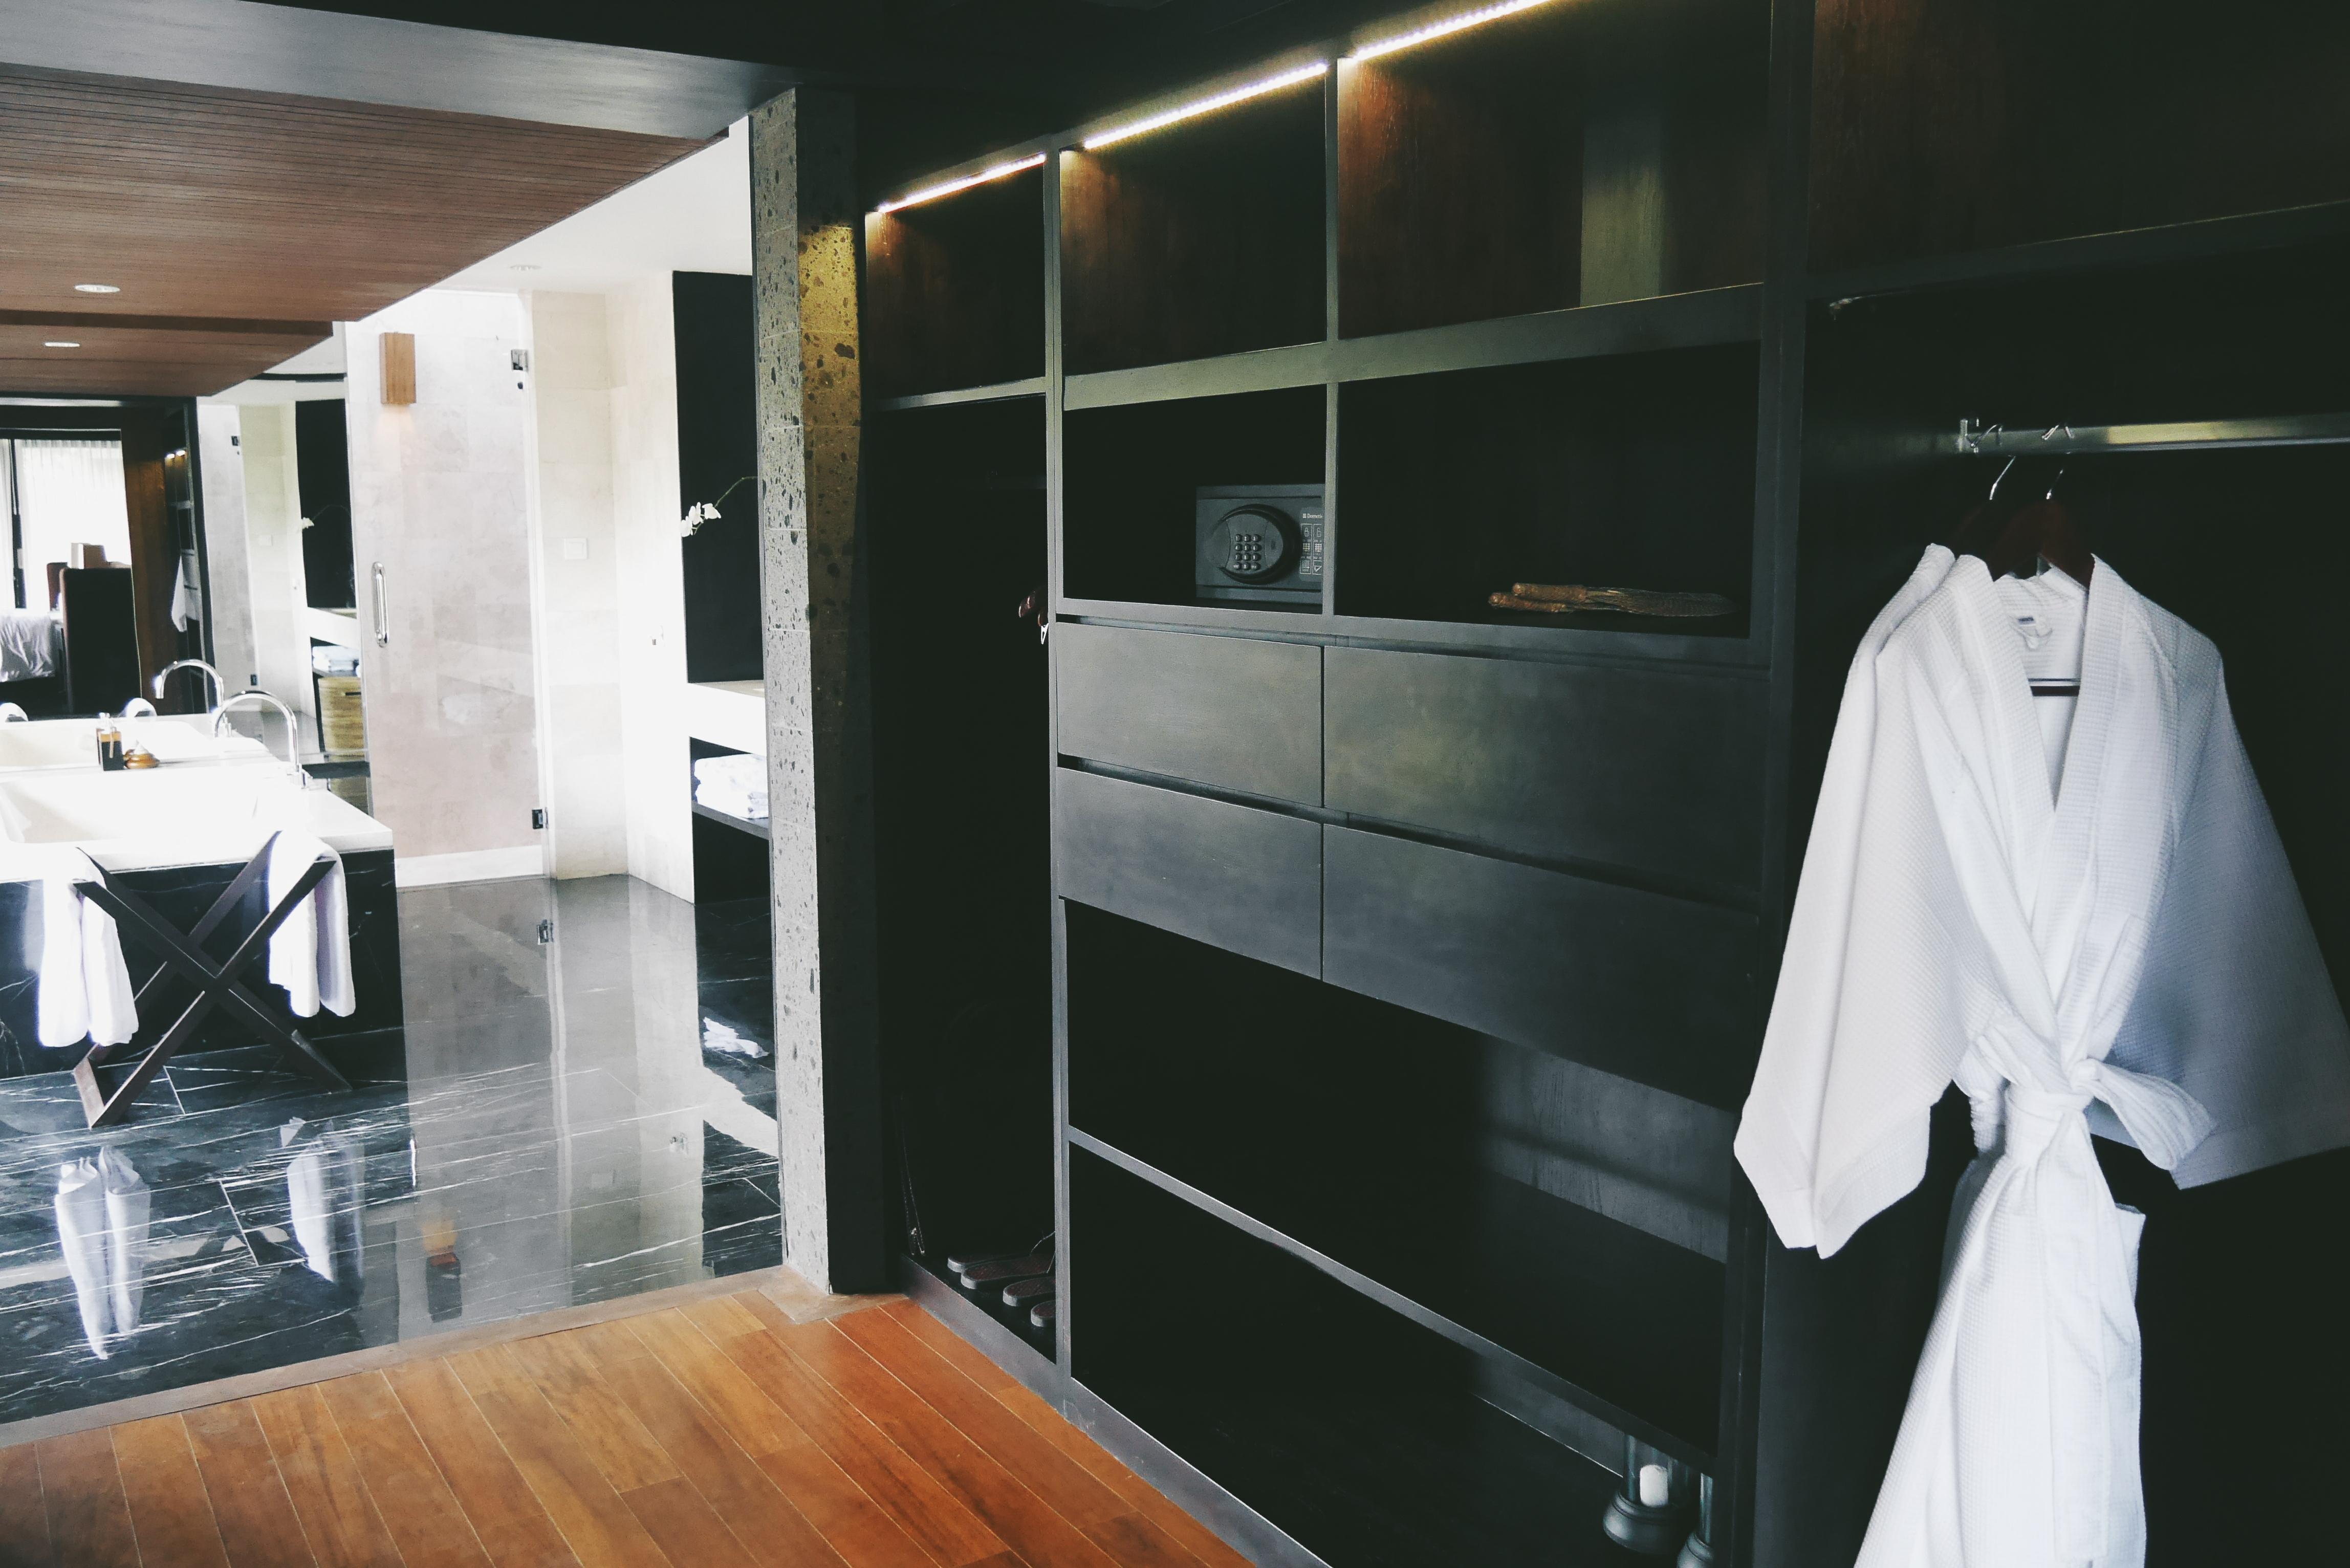 Tempat penyimpanan koper dan pakaian